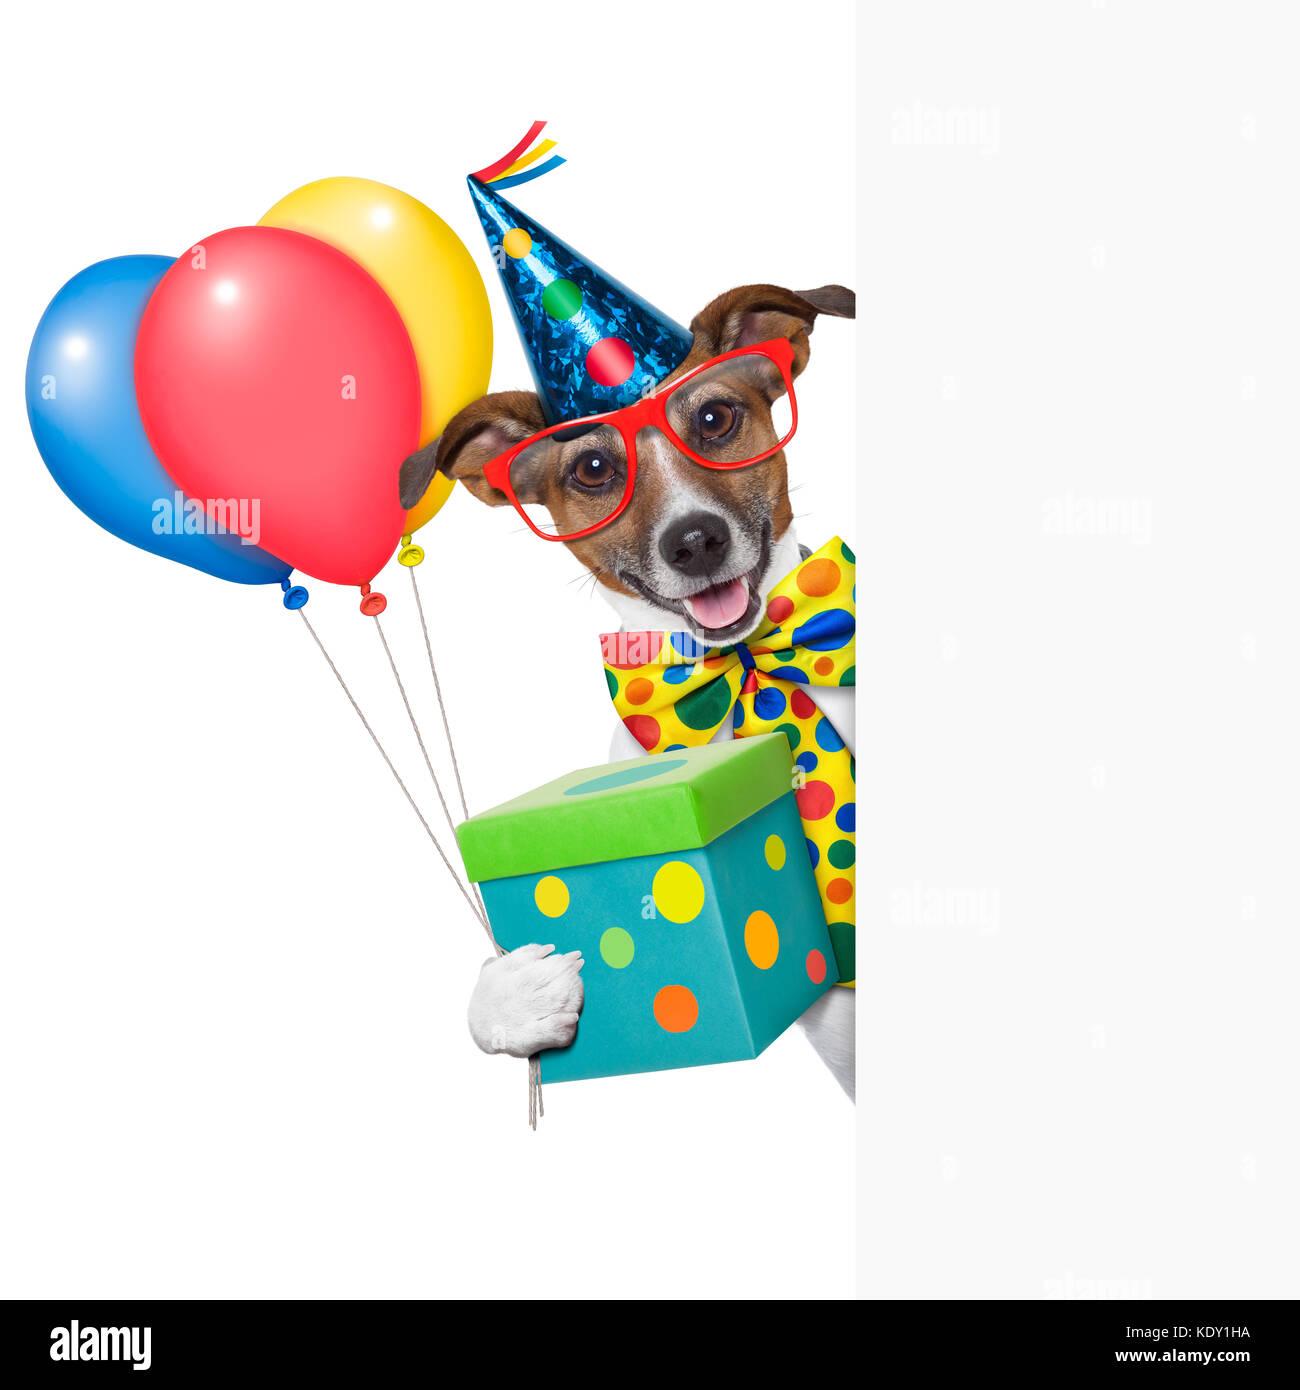 Поздравления с днем рождения 4